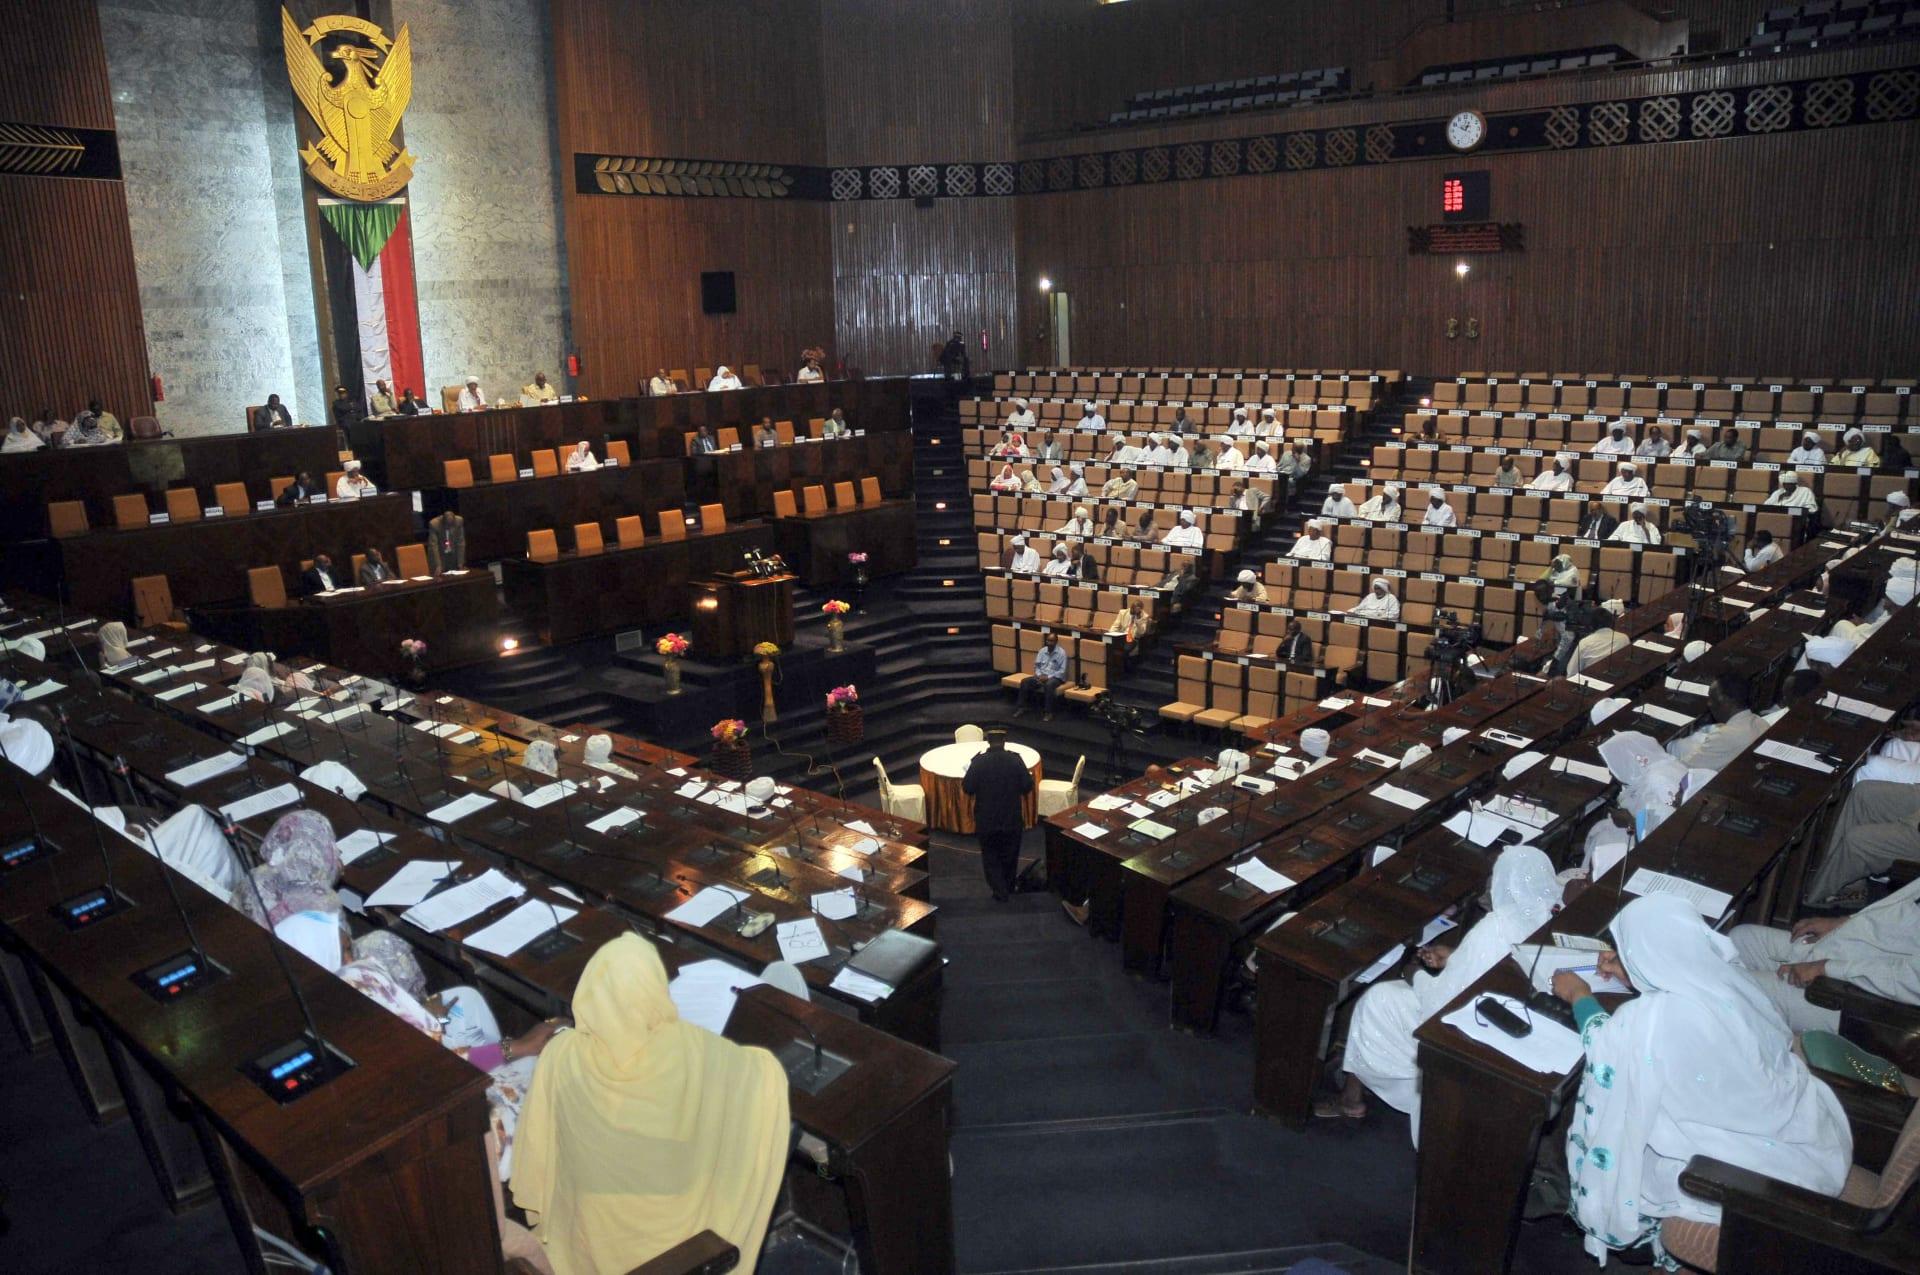 البرلمان السوداني يطالب الحكومة بزيادة الحد الأدنى للأجور